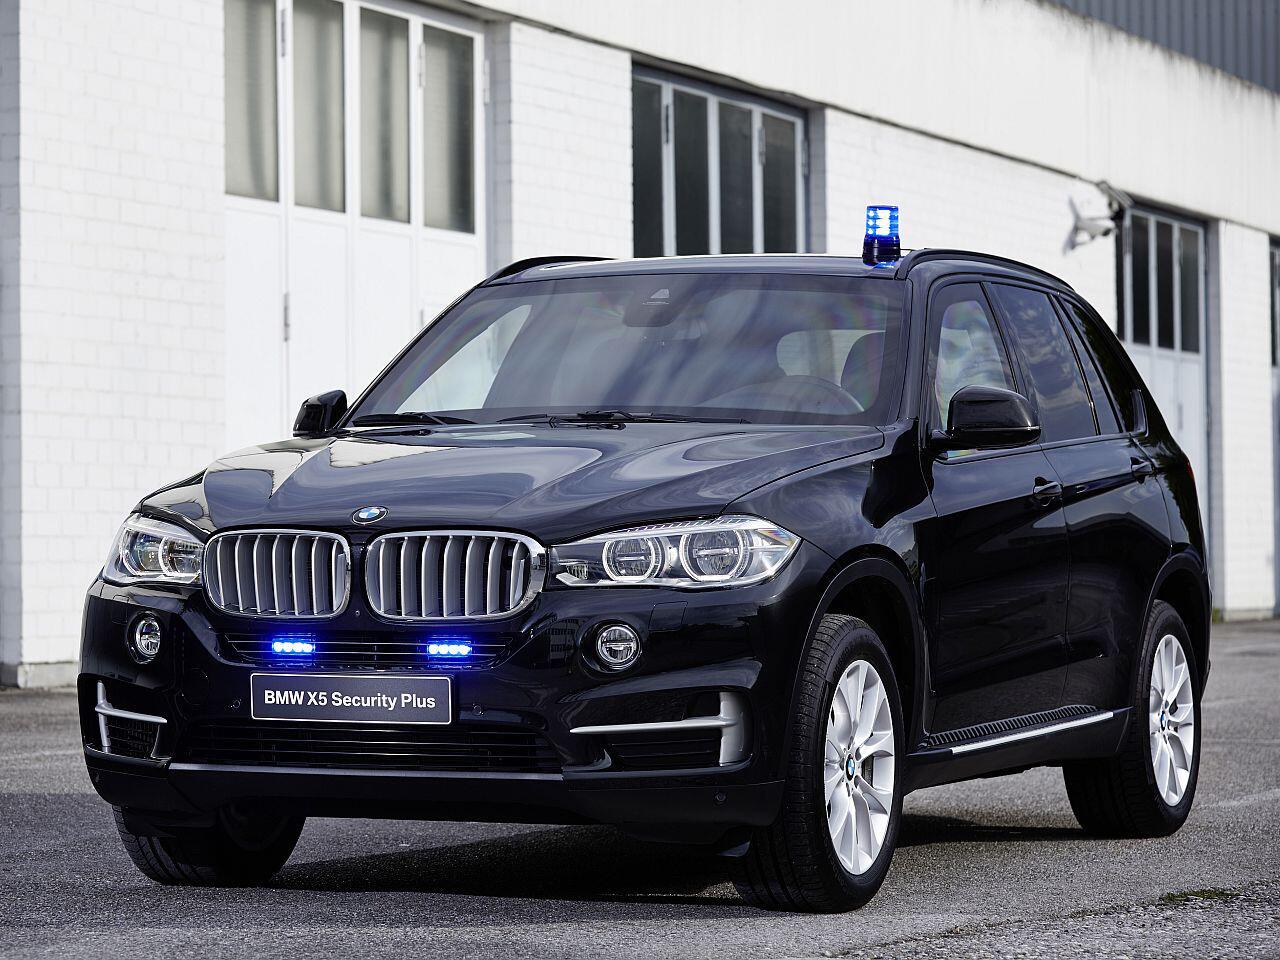 Bild zu BMW X5 xDrive50i Security